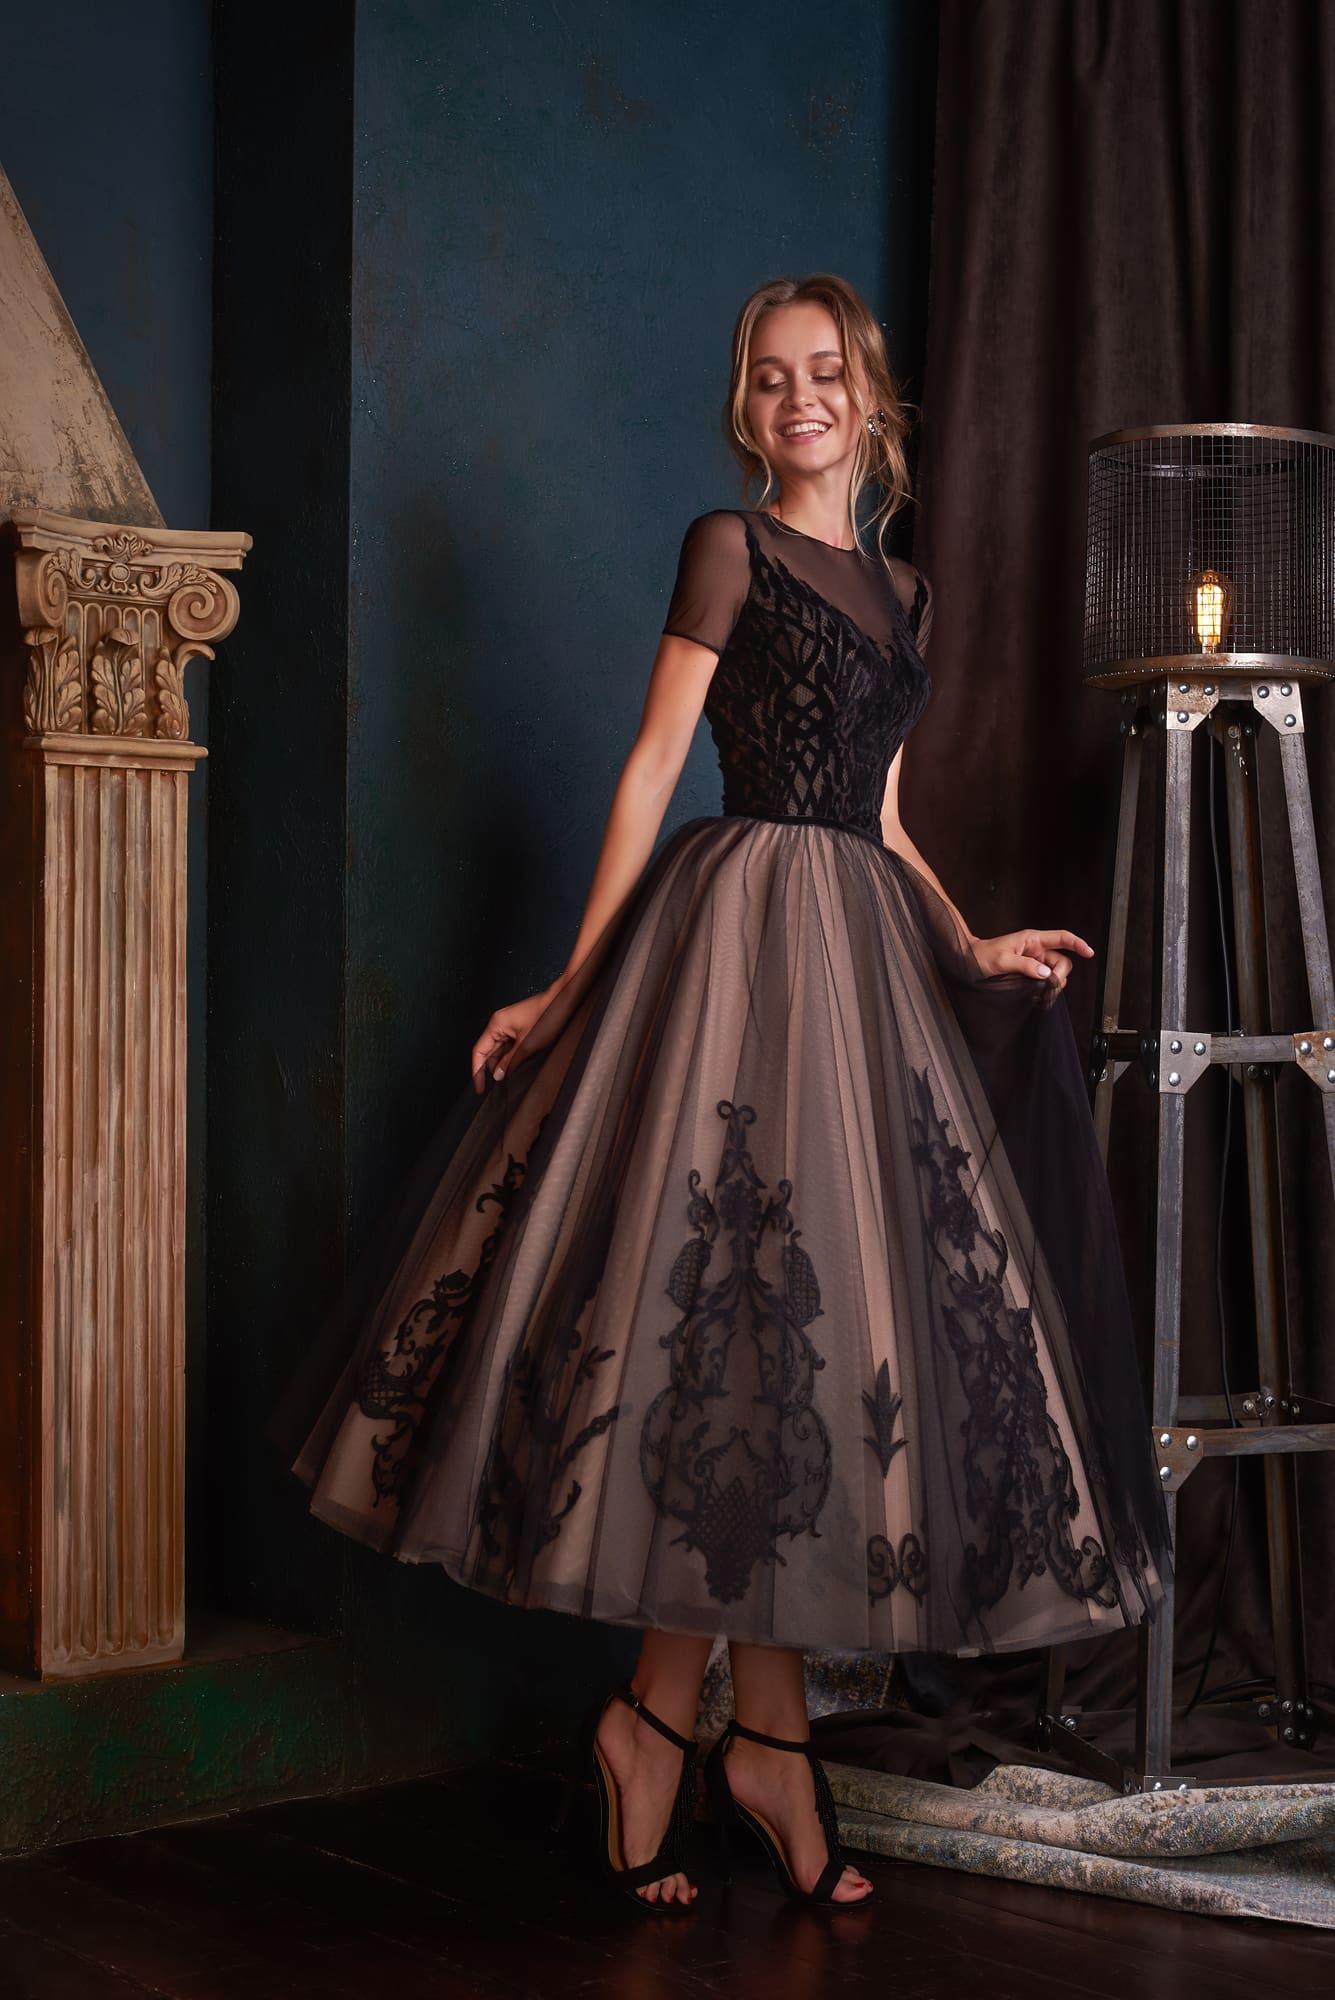 где купить во владивостоке красивые вечерние платья